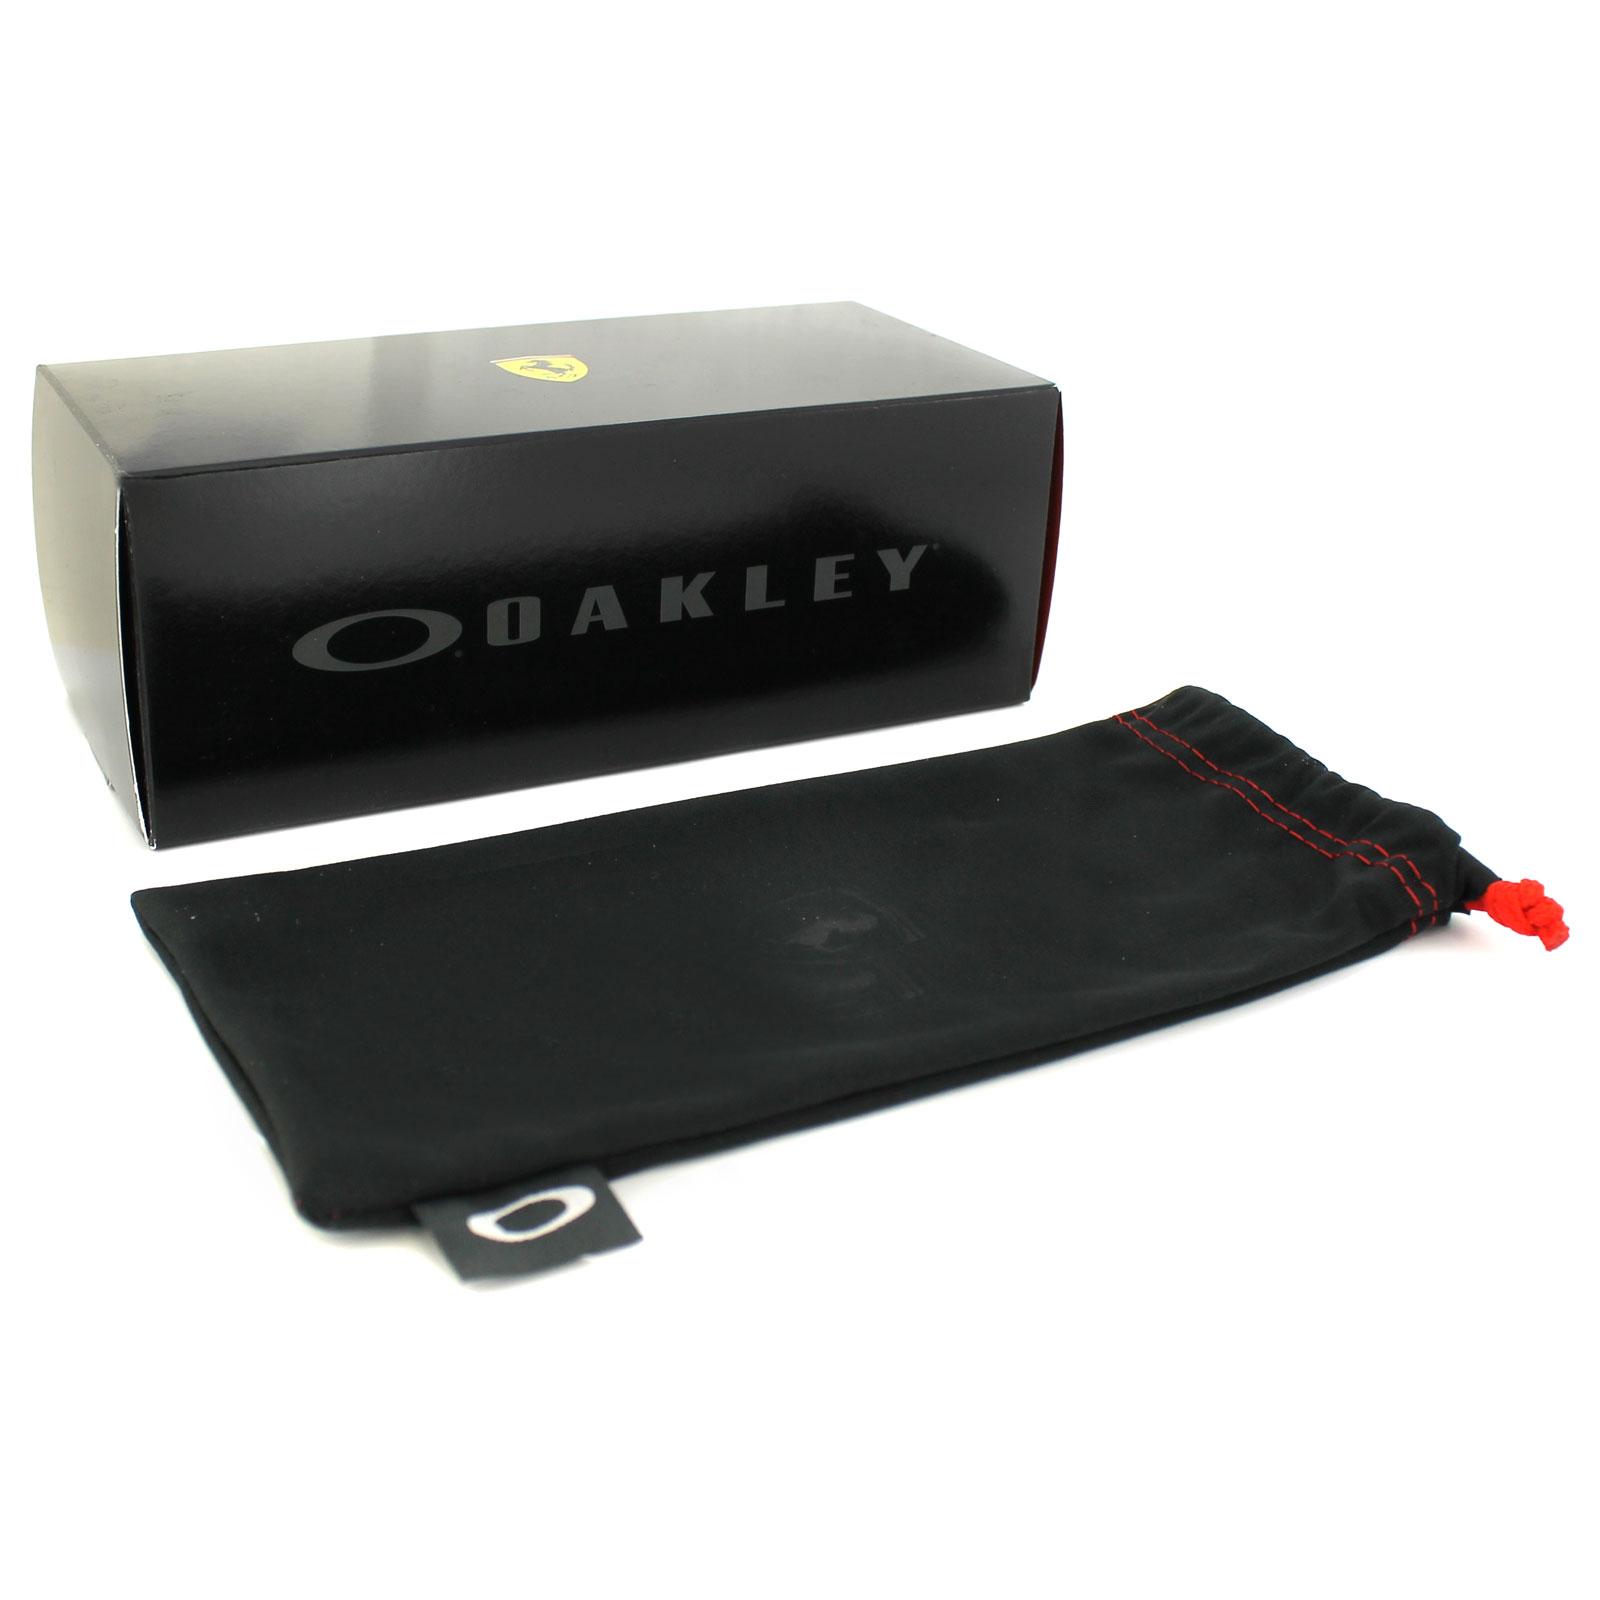 8283eb1d1d Oakley Sunglasses Case Micro Bag « Heritage Malta